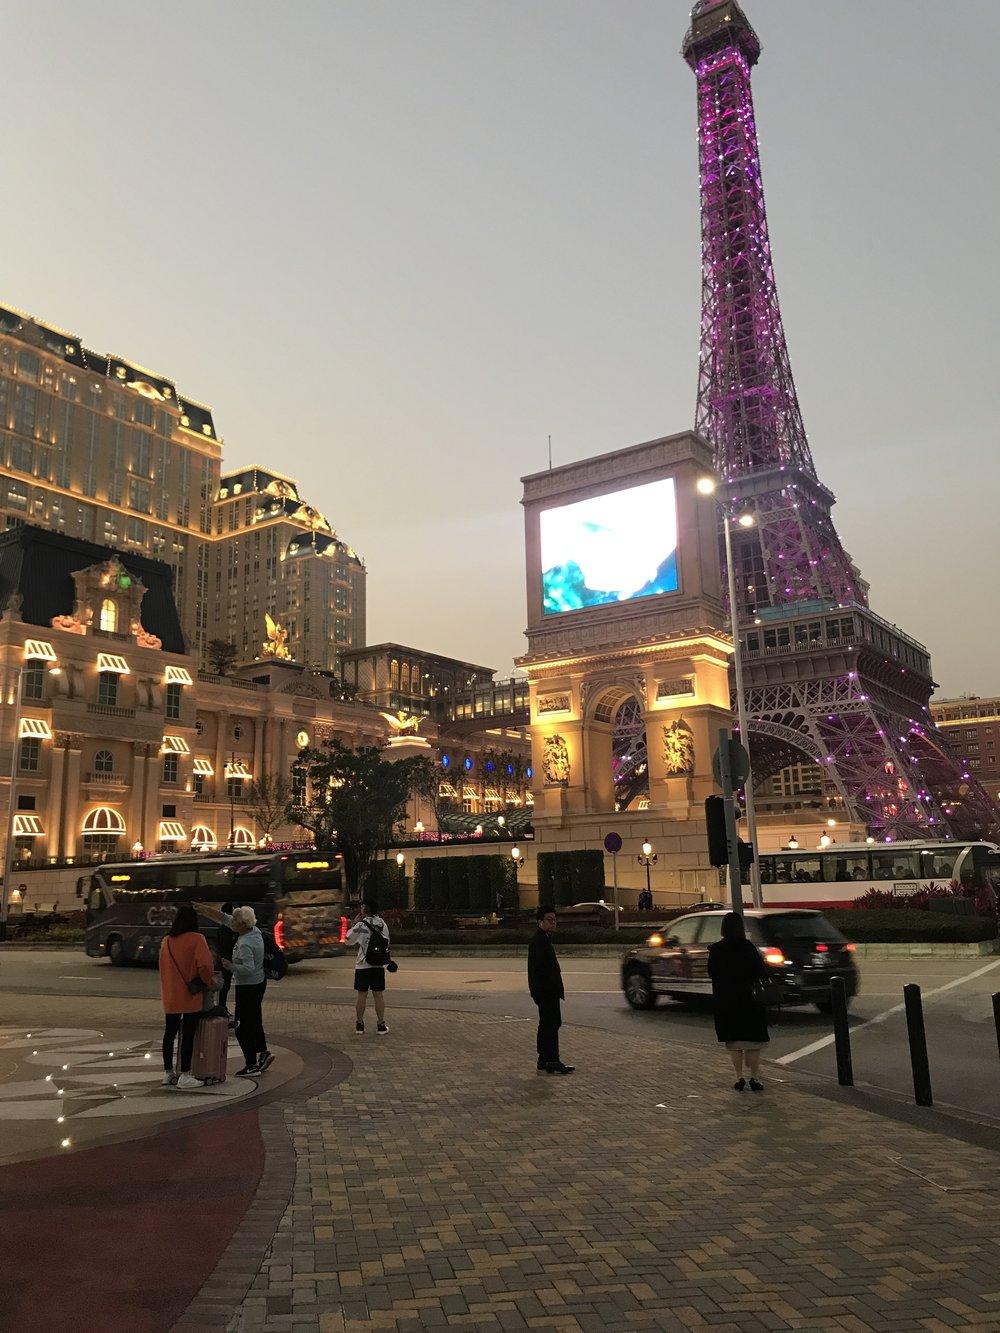 Rời City Studio, du khác có thể tản bộ đến thăm Parisian Macao. Parisian Macao (Chinese: 澳門巴黎人)là một khách sạn thượng đẳng của Cotai, Macau, China, được làm chủ bởi công ty Las Vegas Sands. Chiều cao của tháp Parisian Macau chỉ bằng phân nữa của Tháp Eiffel. Khách sạn Parisian Macao được đưa vào hoạt động vào ngày 13 tháng 9, năm 2016. Địa thất ở bên trong của Parisian cho du khách cảm giác là họ đang đi mua sắm tại một trung tâm hiện đại của nước Pháp.